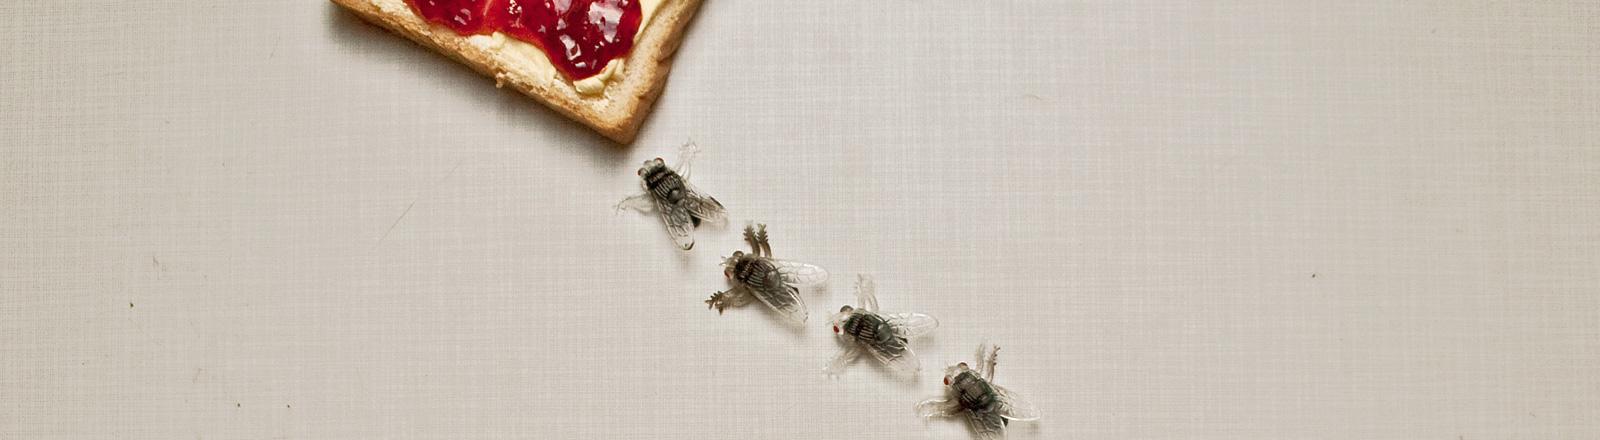 Vier Fliegen, aus Gummi, laufen Richtung eines Toastbrotes auf dem Butter und Marmelade ist.